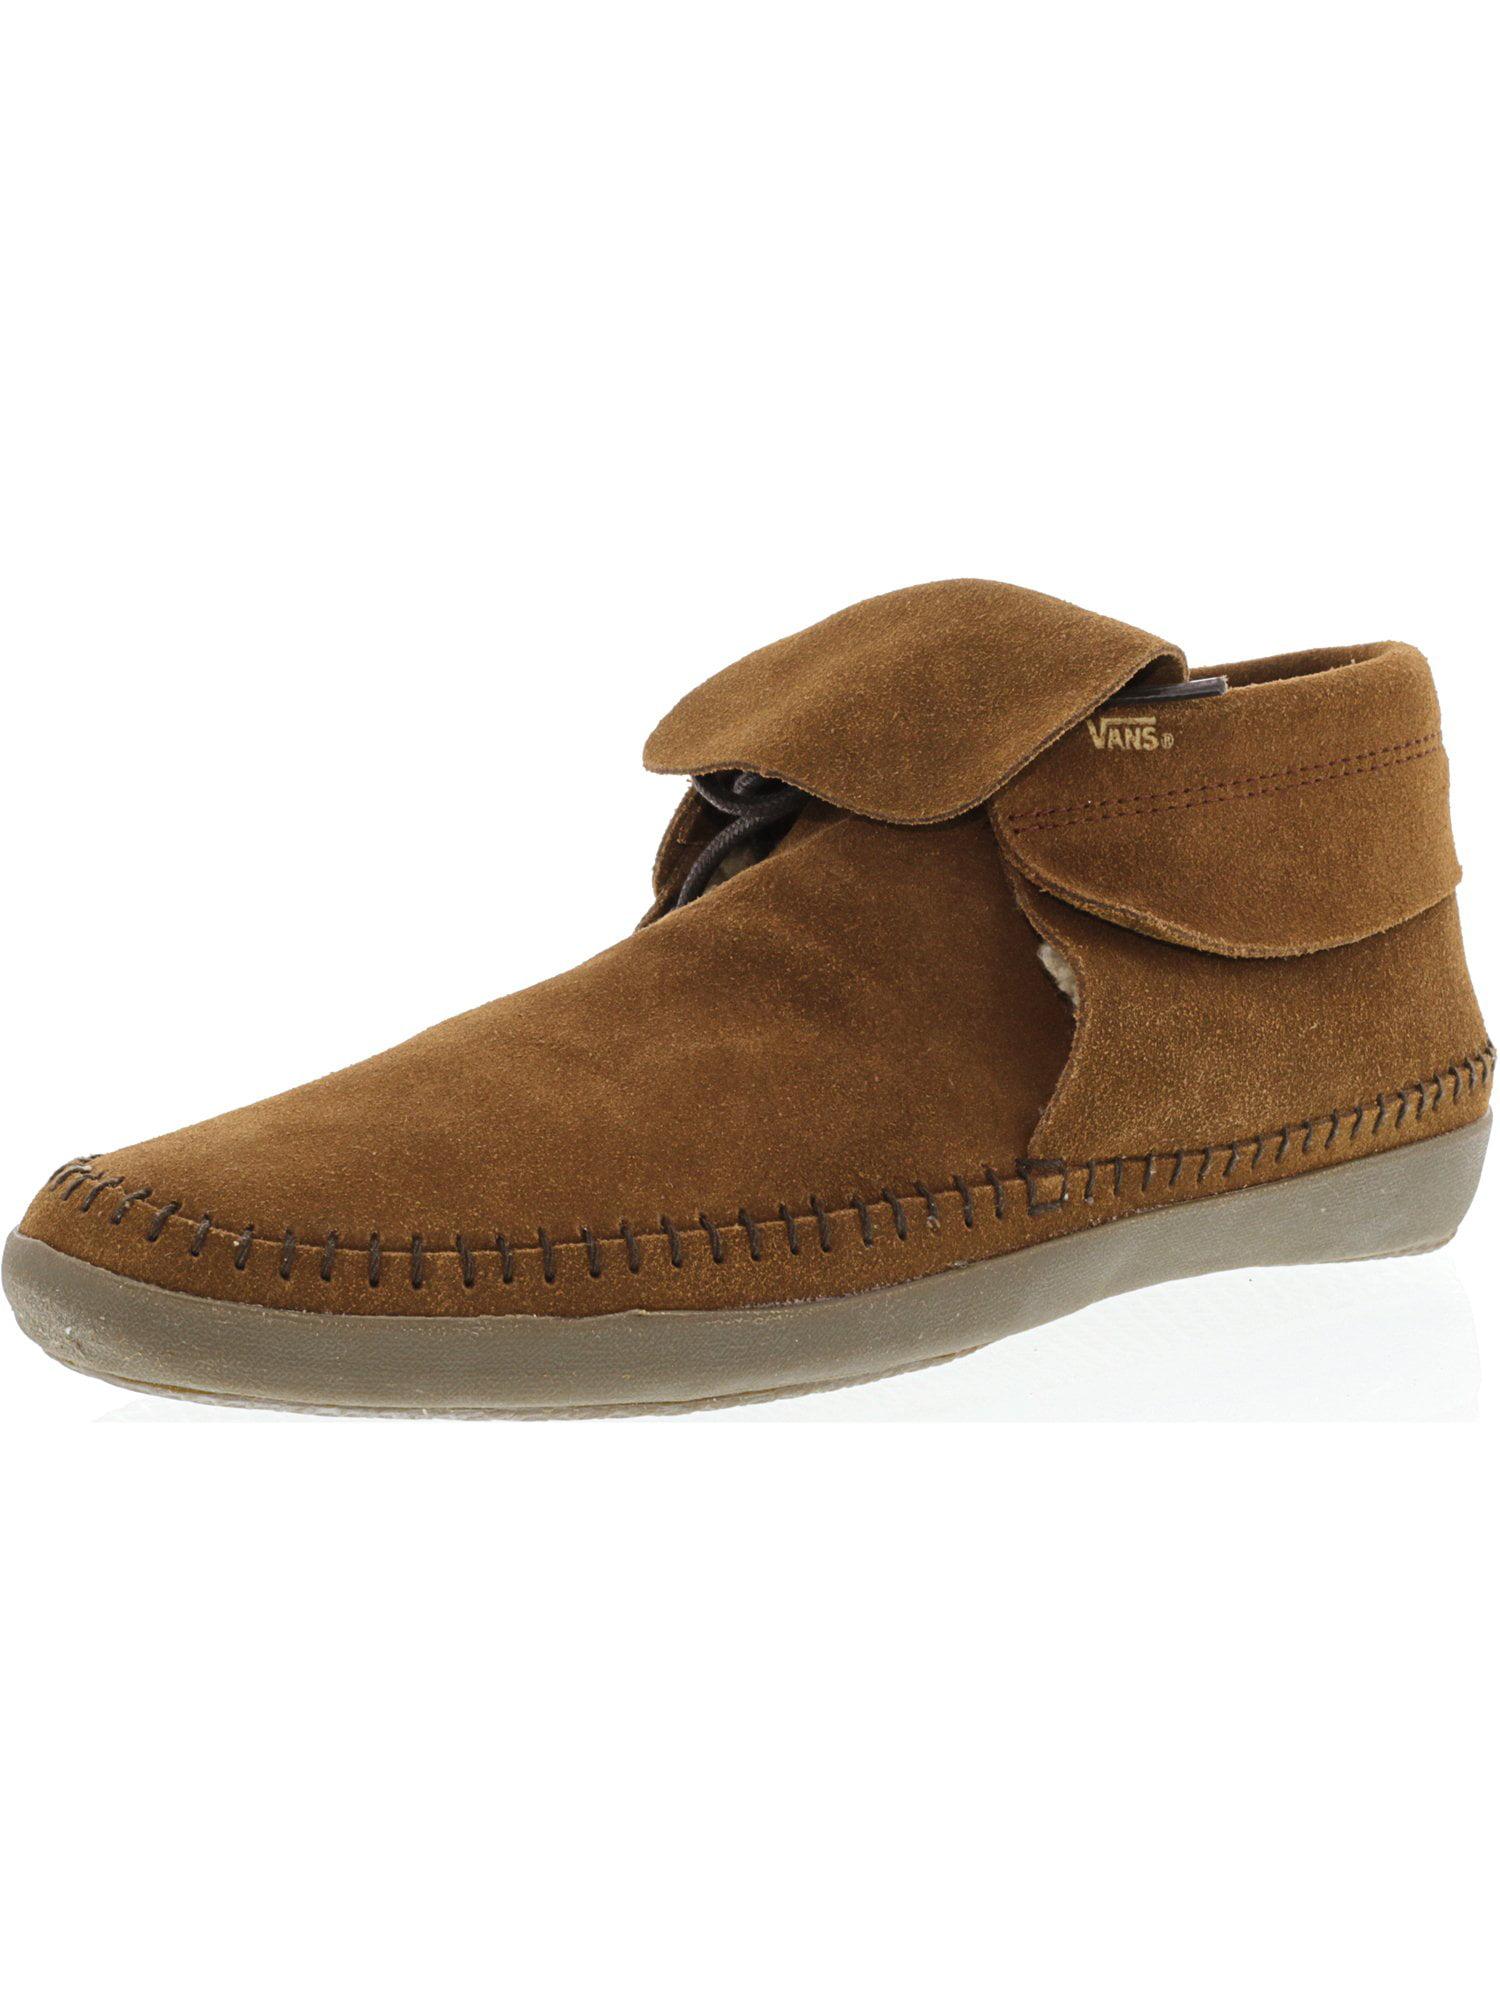 Vans Women's Mohikan Fleece Brown Ankle